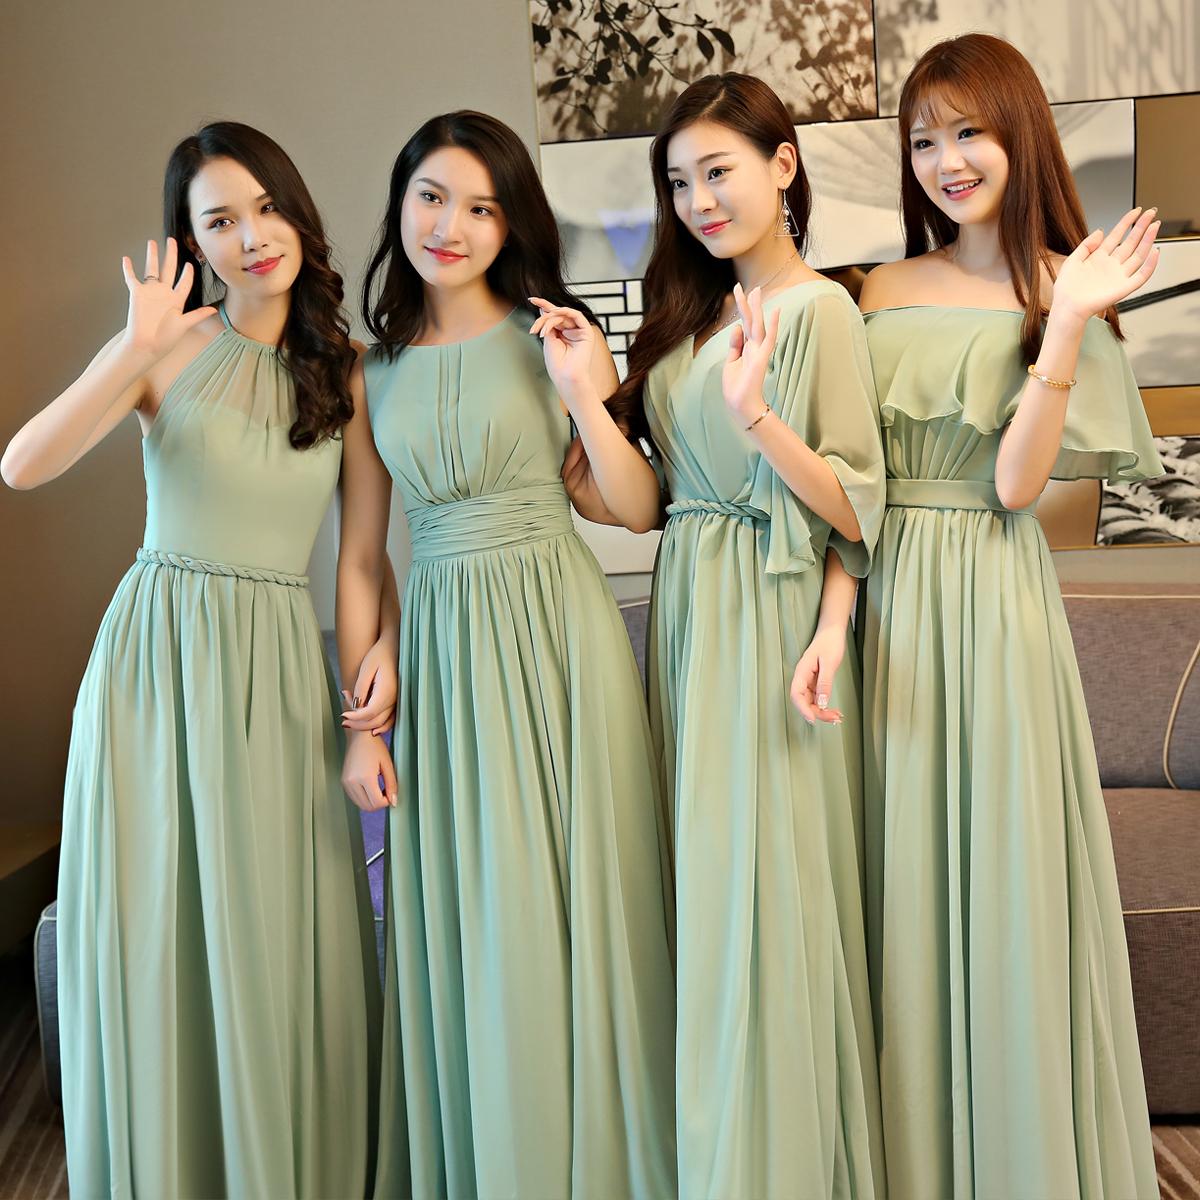 伴娘服姐妹团2019春夏新款森系长款显瘦一字肩年会主持人晚礼服女